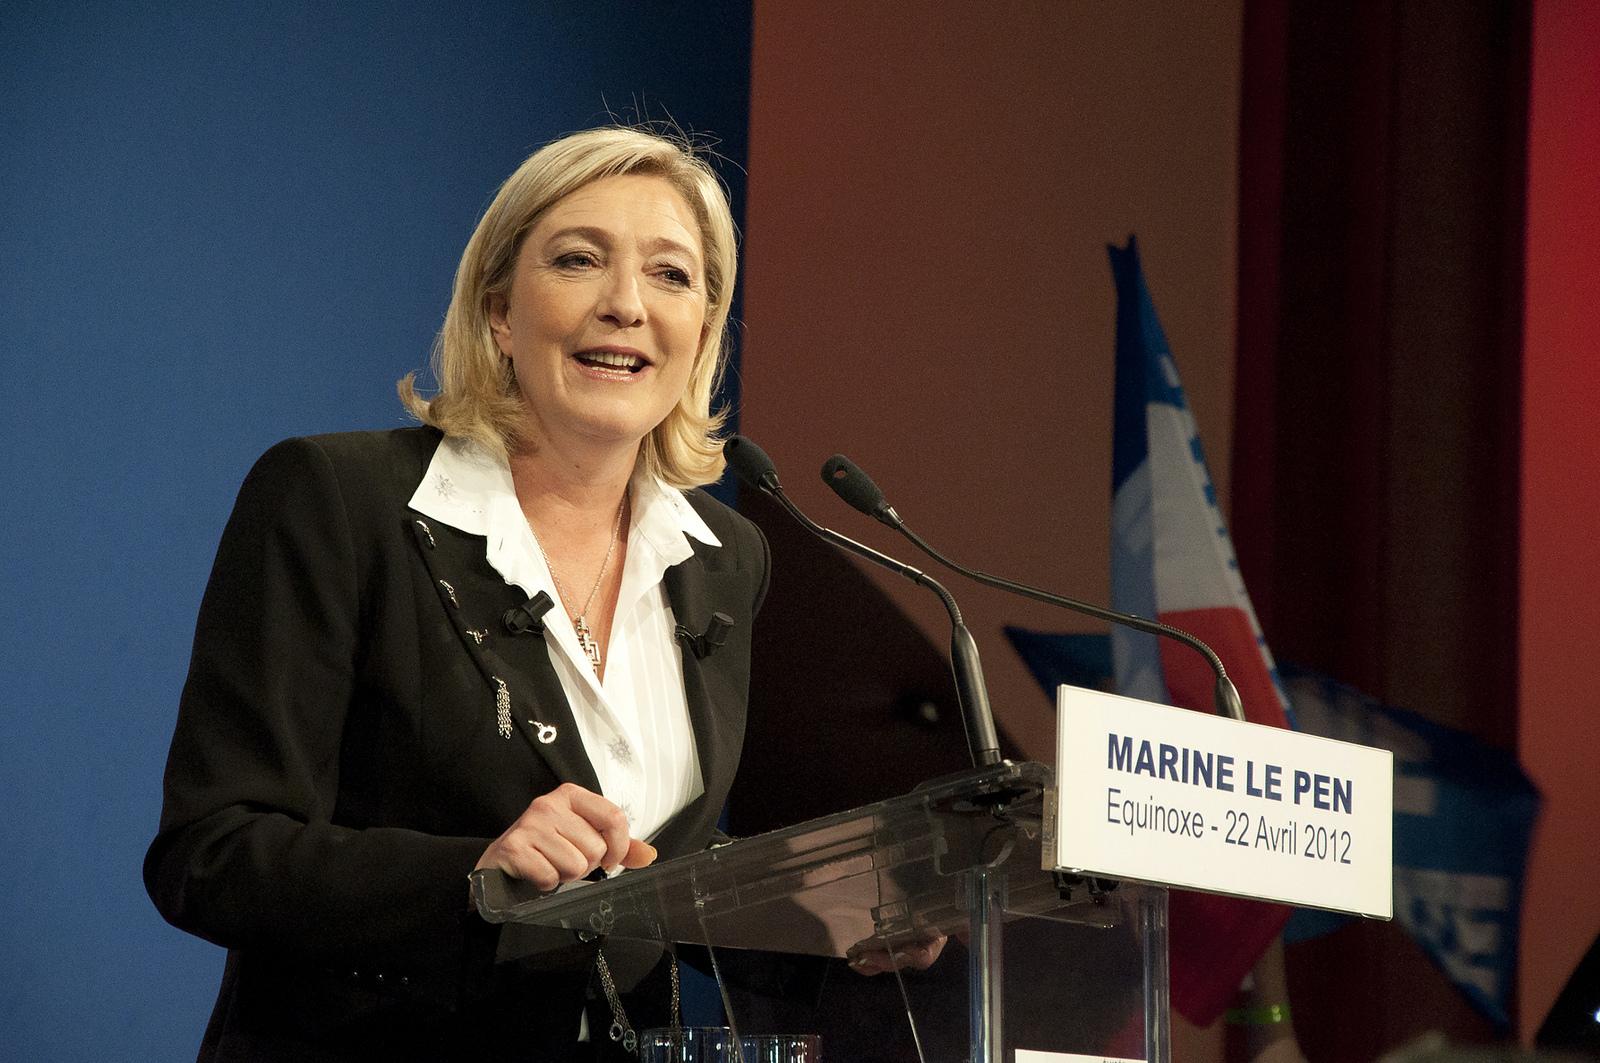 Photos de Daech: Marine Le Pen est inculpée